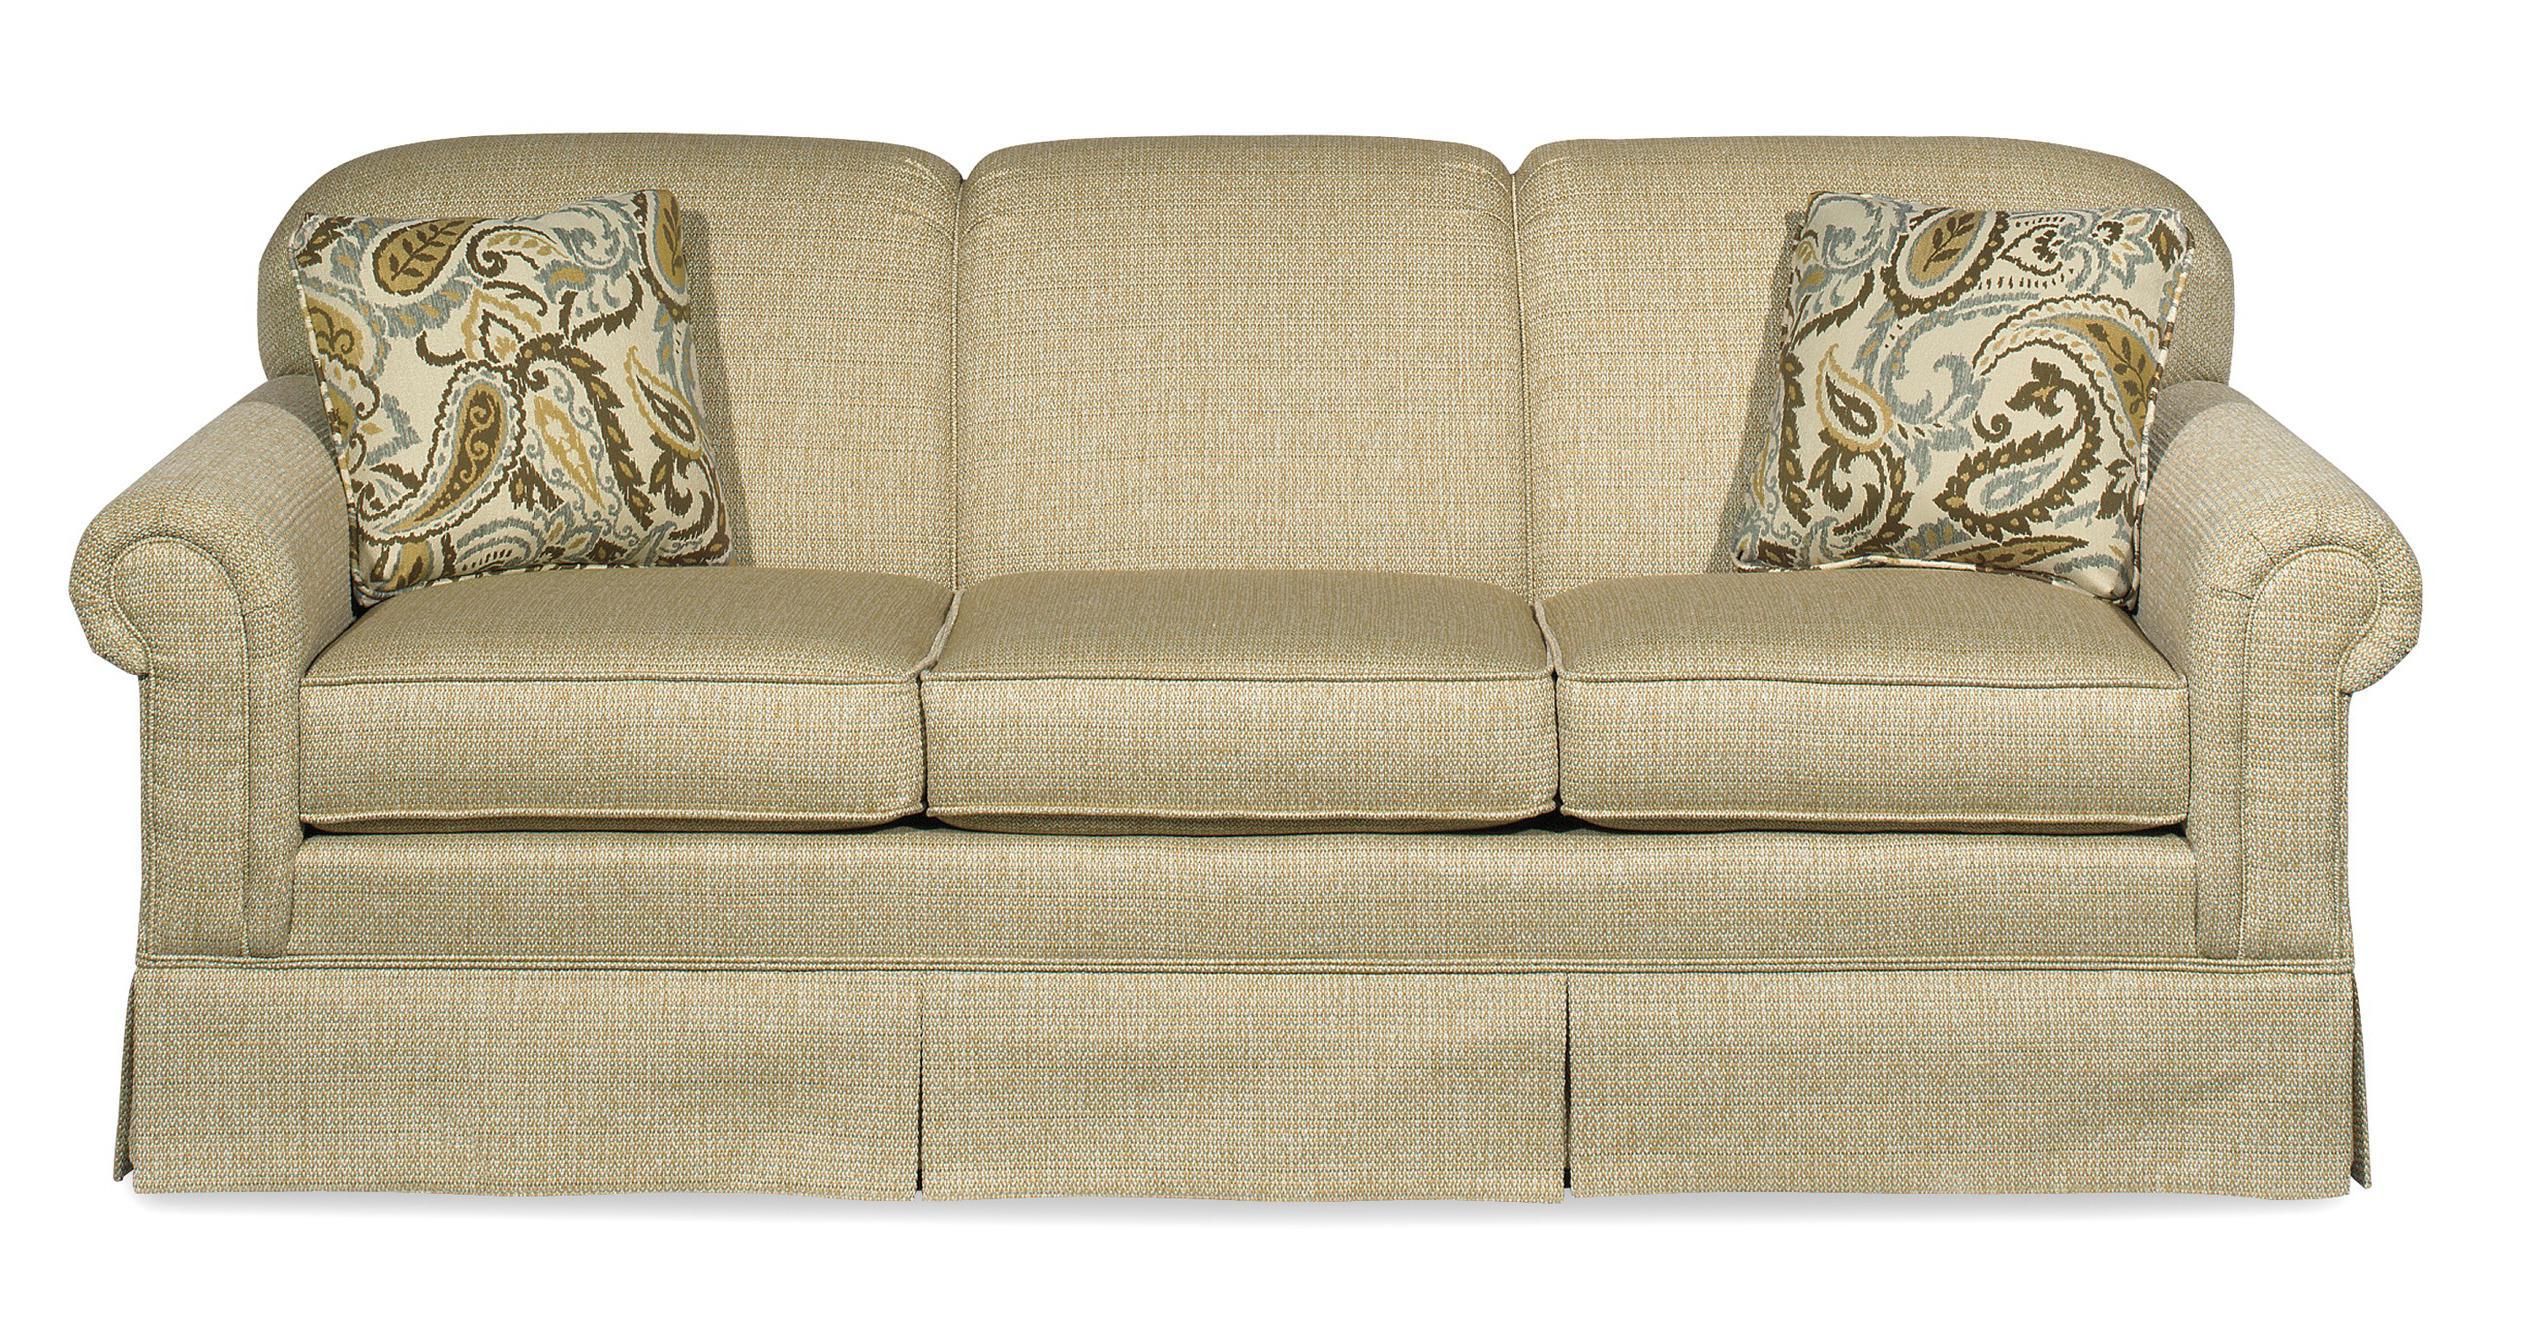 Ordinaire Suburban Furniture